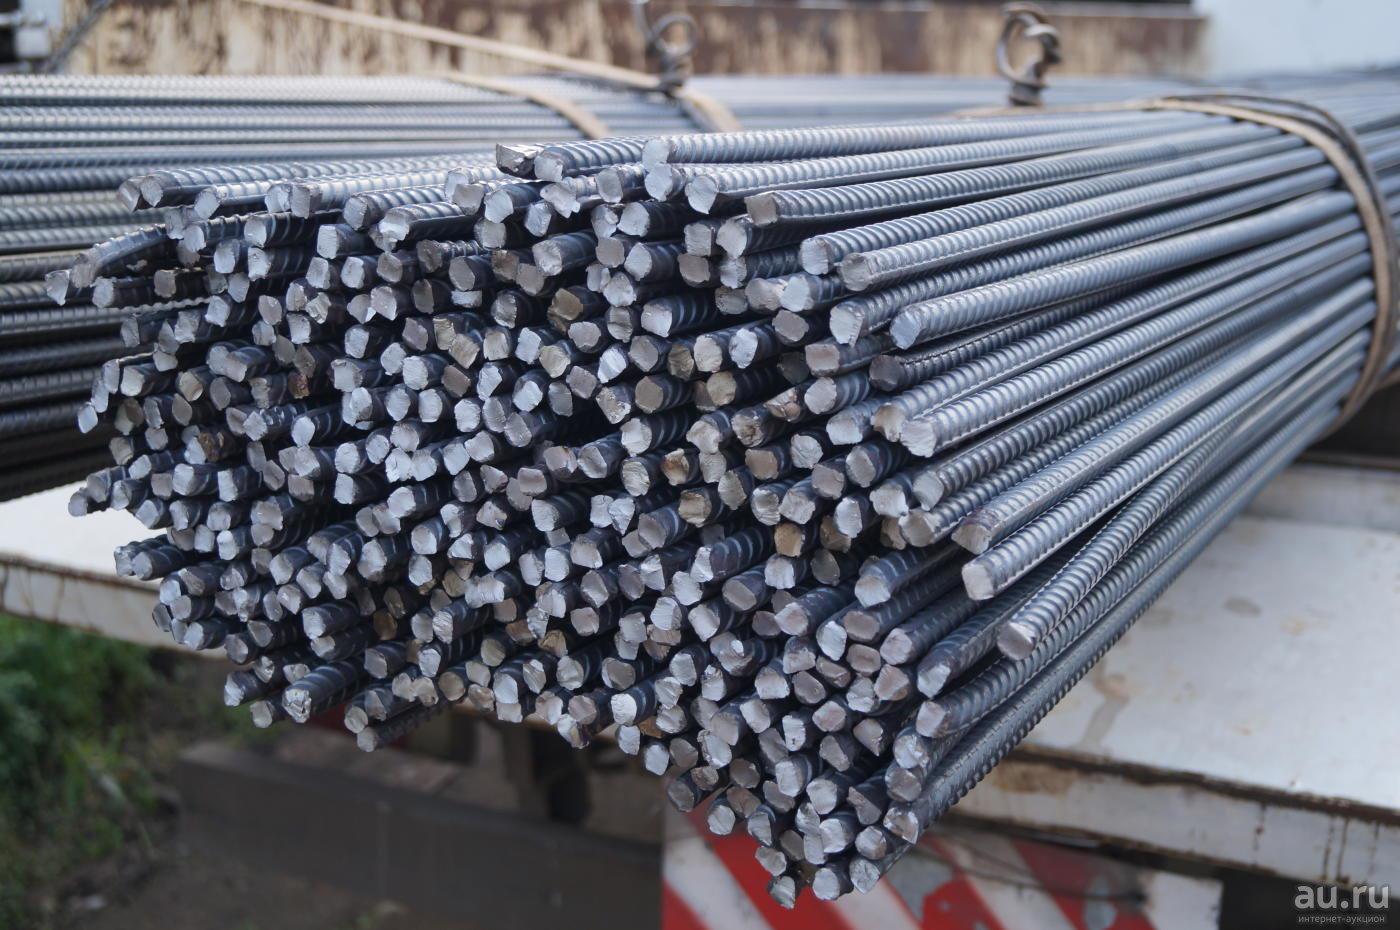 металлическая арматура длинной 6 метров